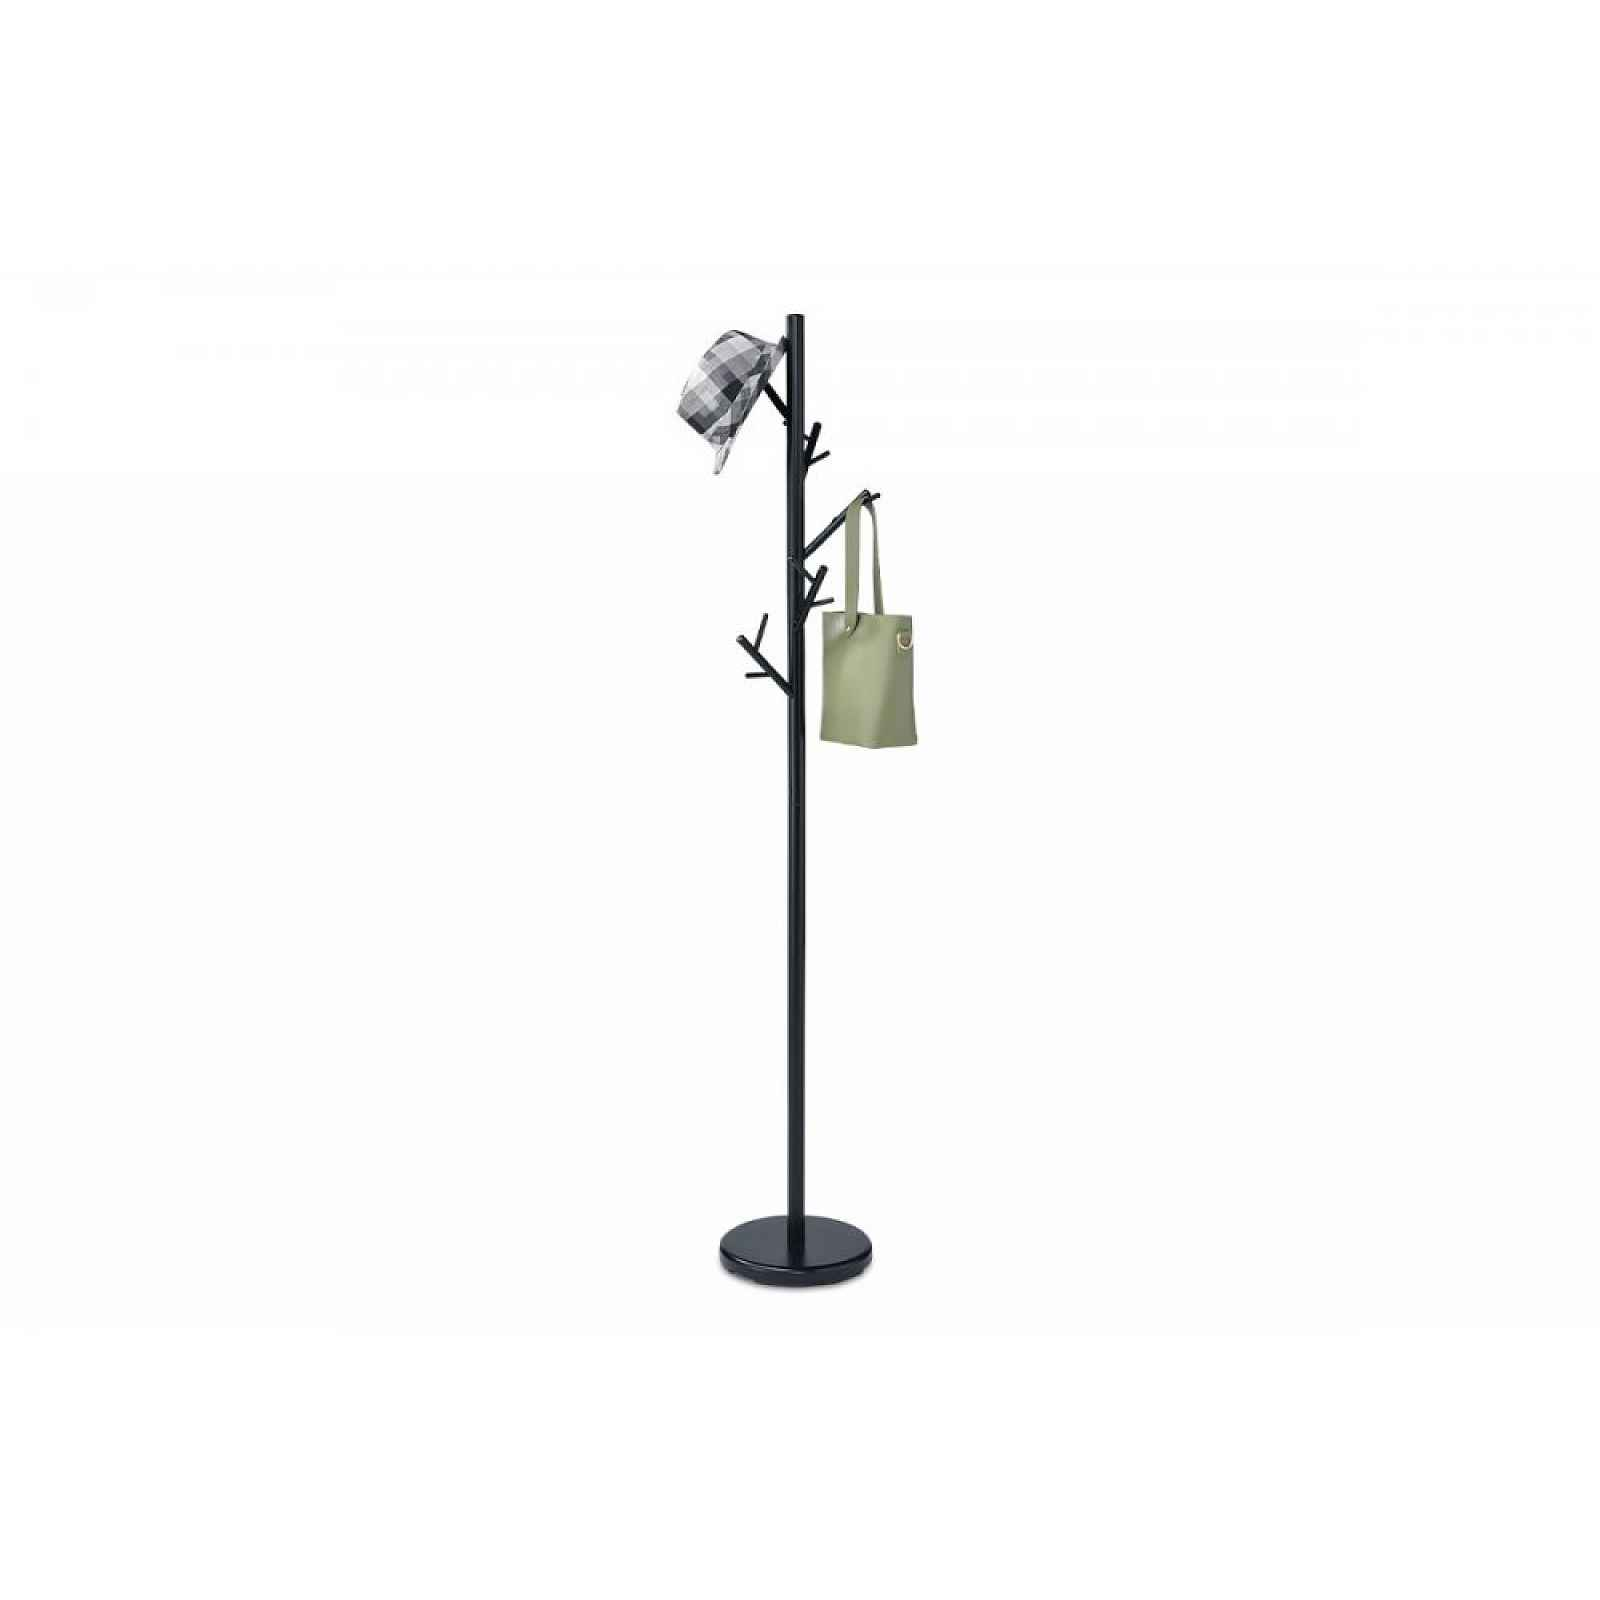 Stojanový věšák - SV 10, 170 cm (černá, kov)